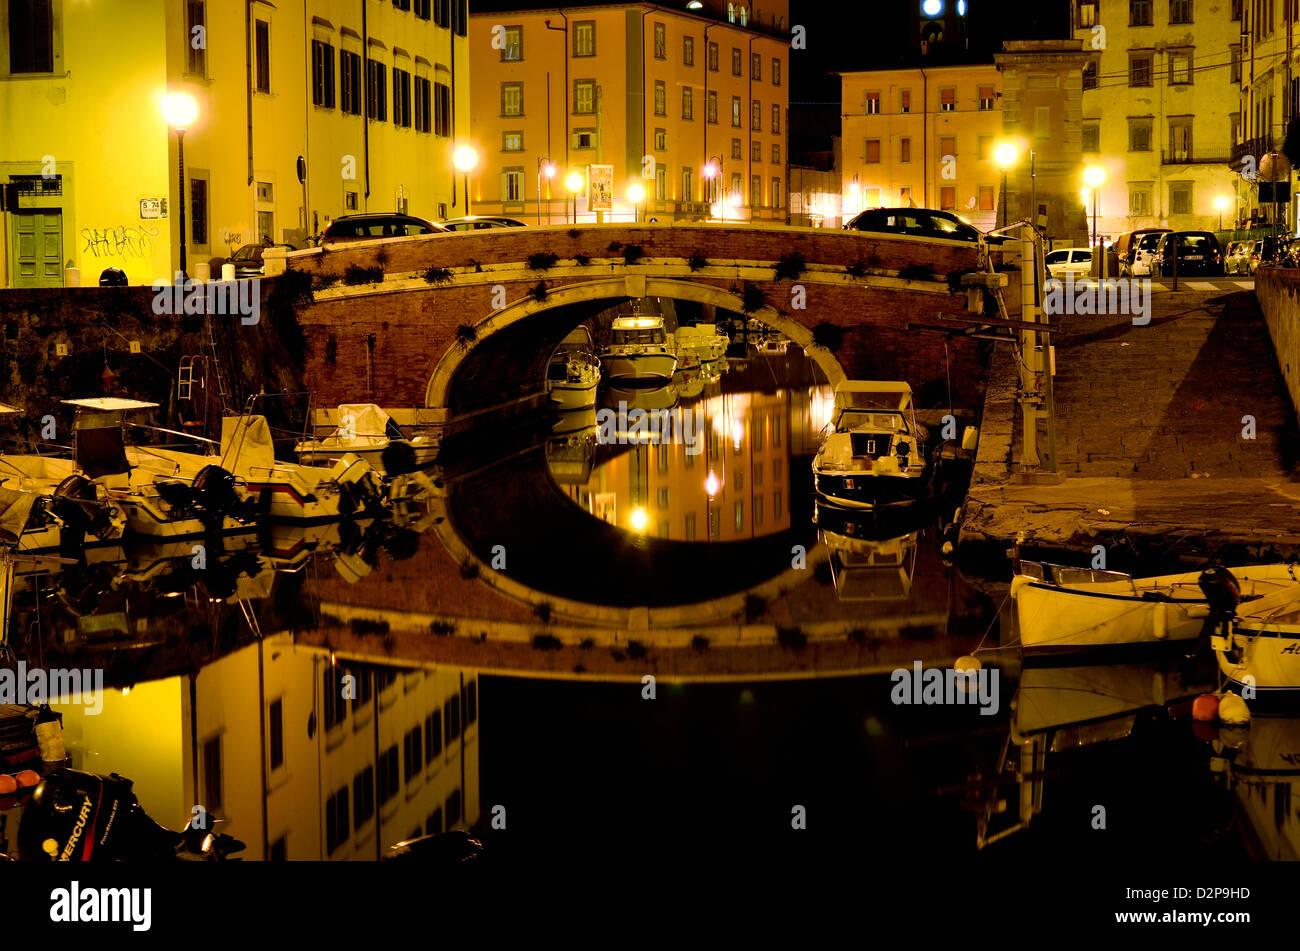 La Venezia Nuova is the centre of the town of Livorno - Stock Image